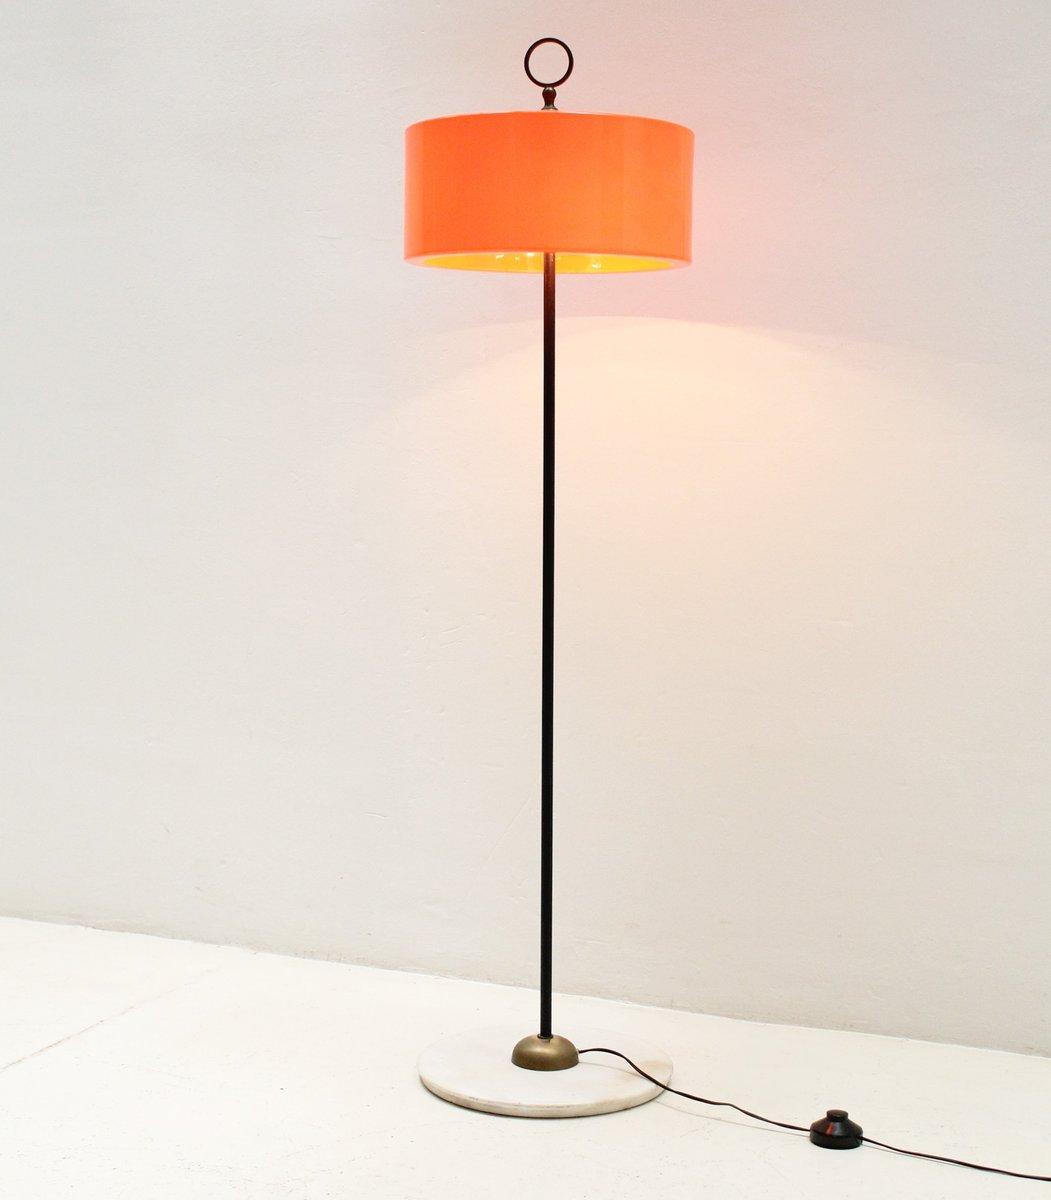 Italienische Stehlampe mit Orangenem Lampenschirm, 1960er